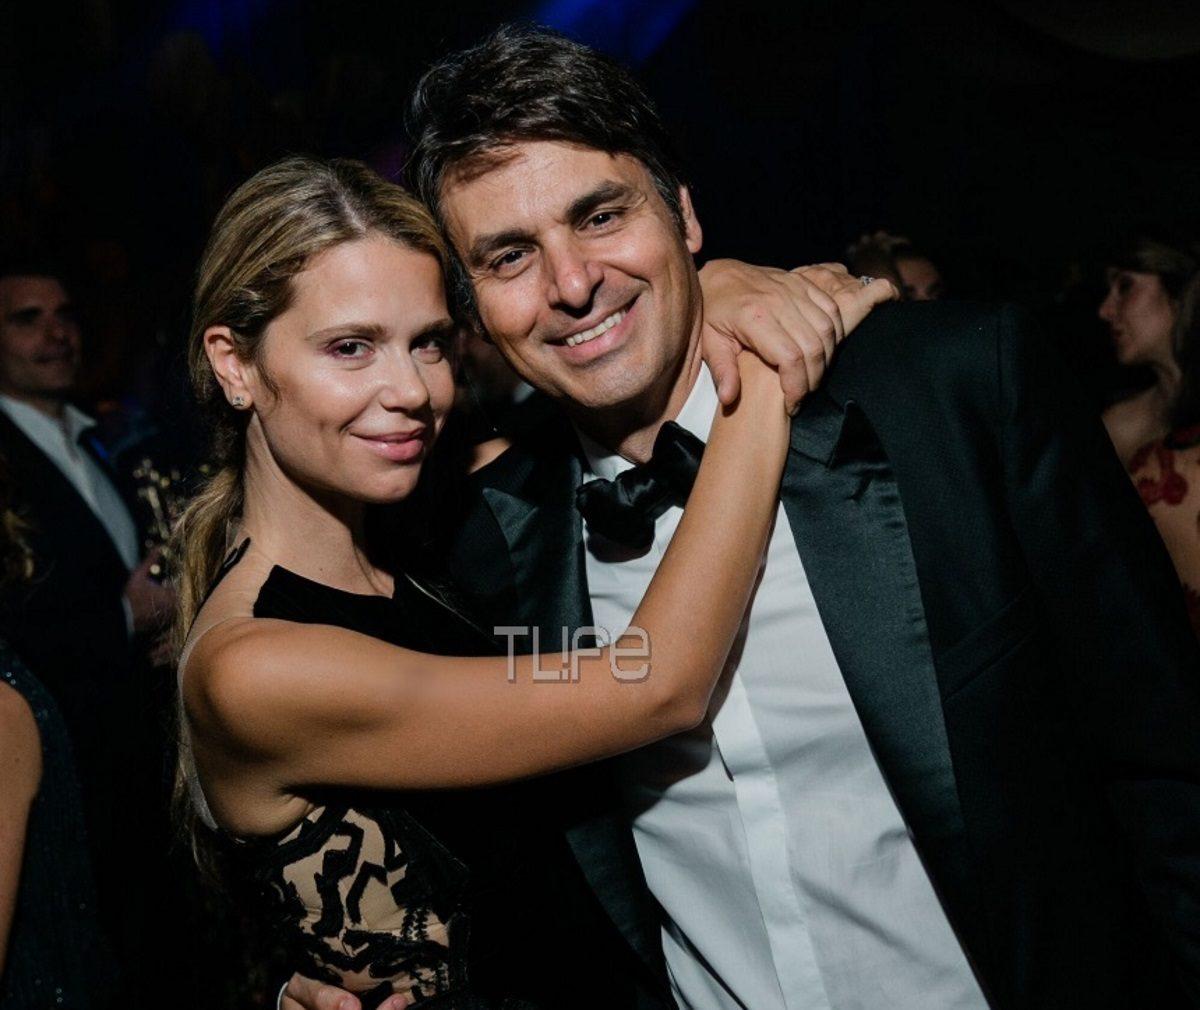 Νίκος Κριθαριώτης – Ναστάζια Δαρίβα: Αγκαλιά στον γάμο της χρονιάς! Φωτογραφία | tlife.gr